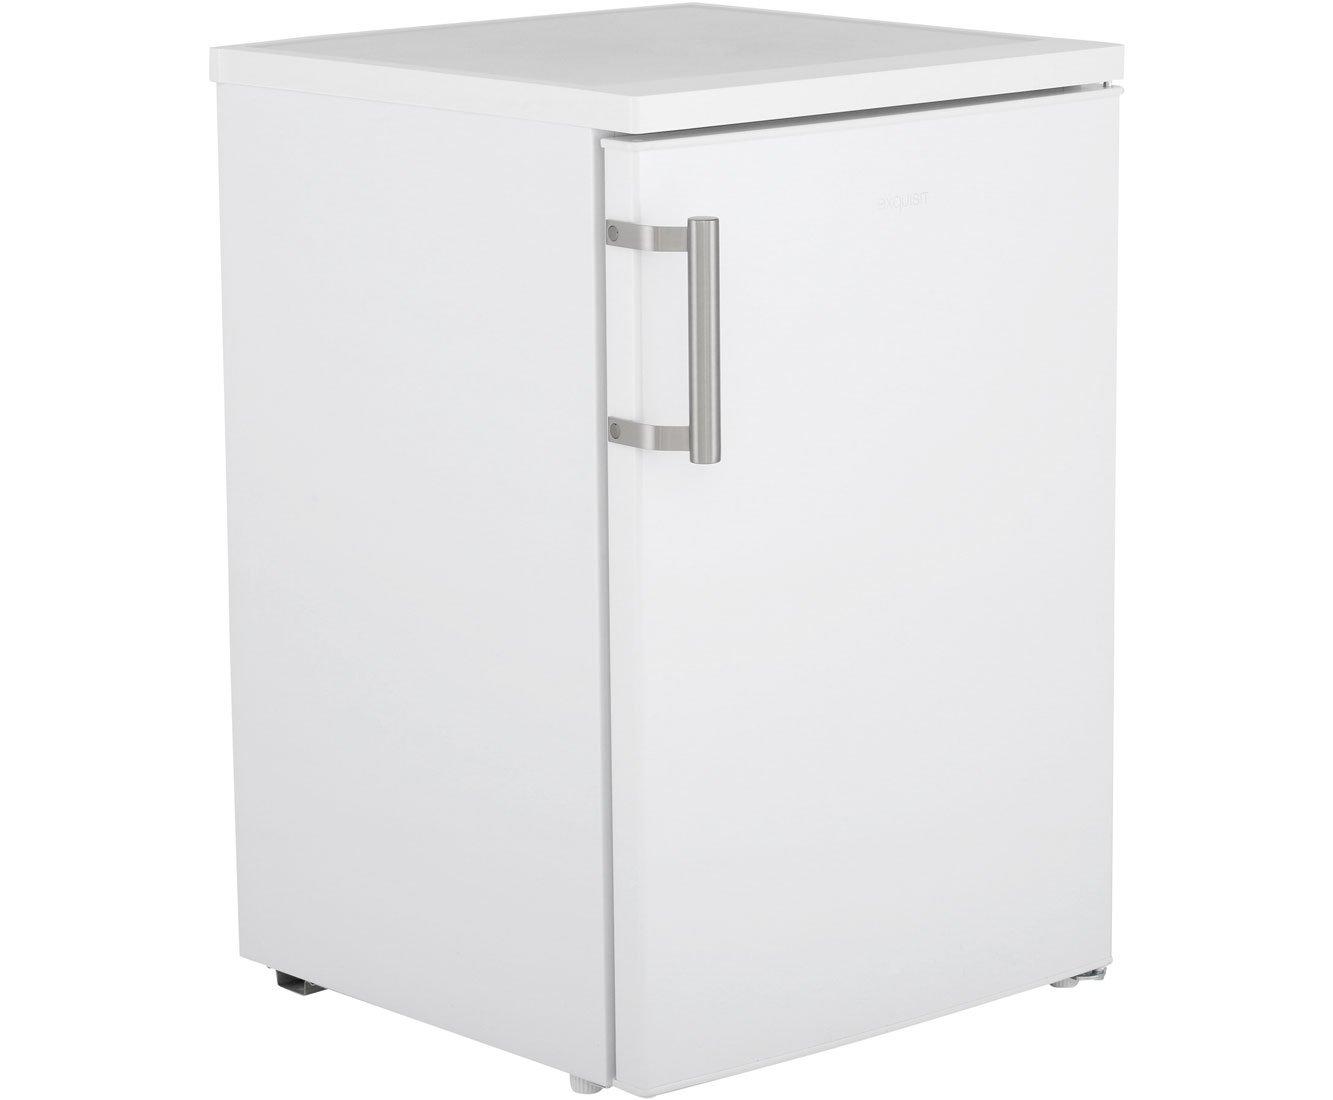 Aeg Kühlschrank Rtb91531aw : Exquisit ks 16 1 rv a kühlschrank kühlteil134 liters: amazon.de